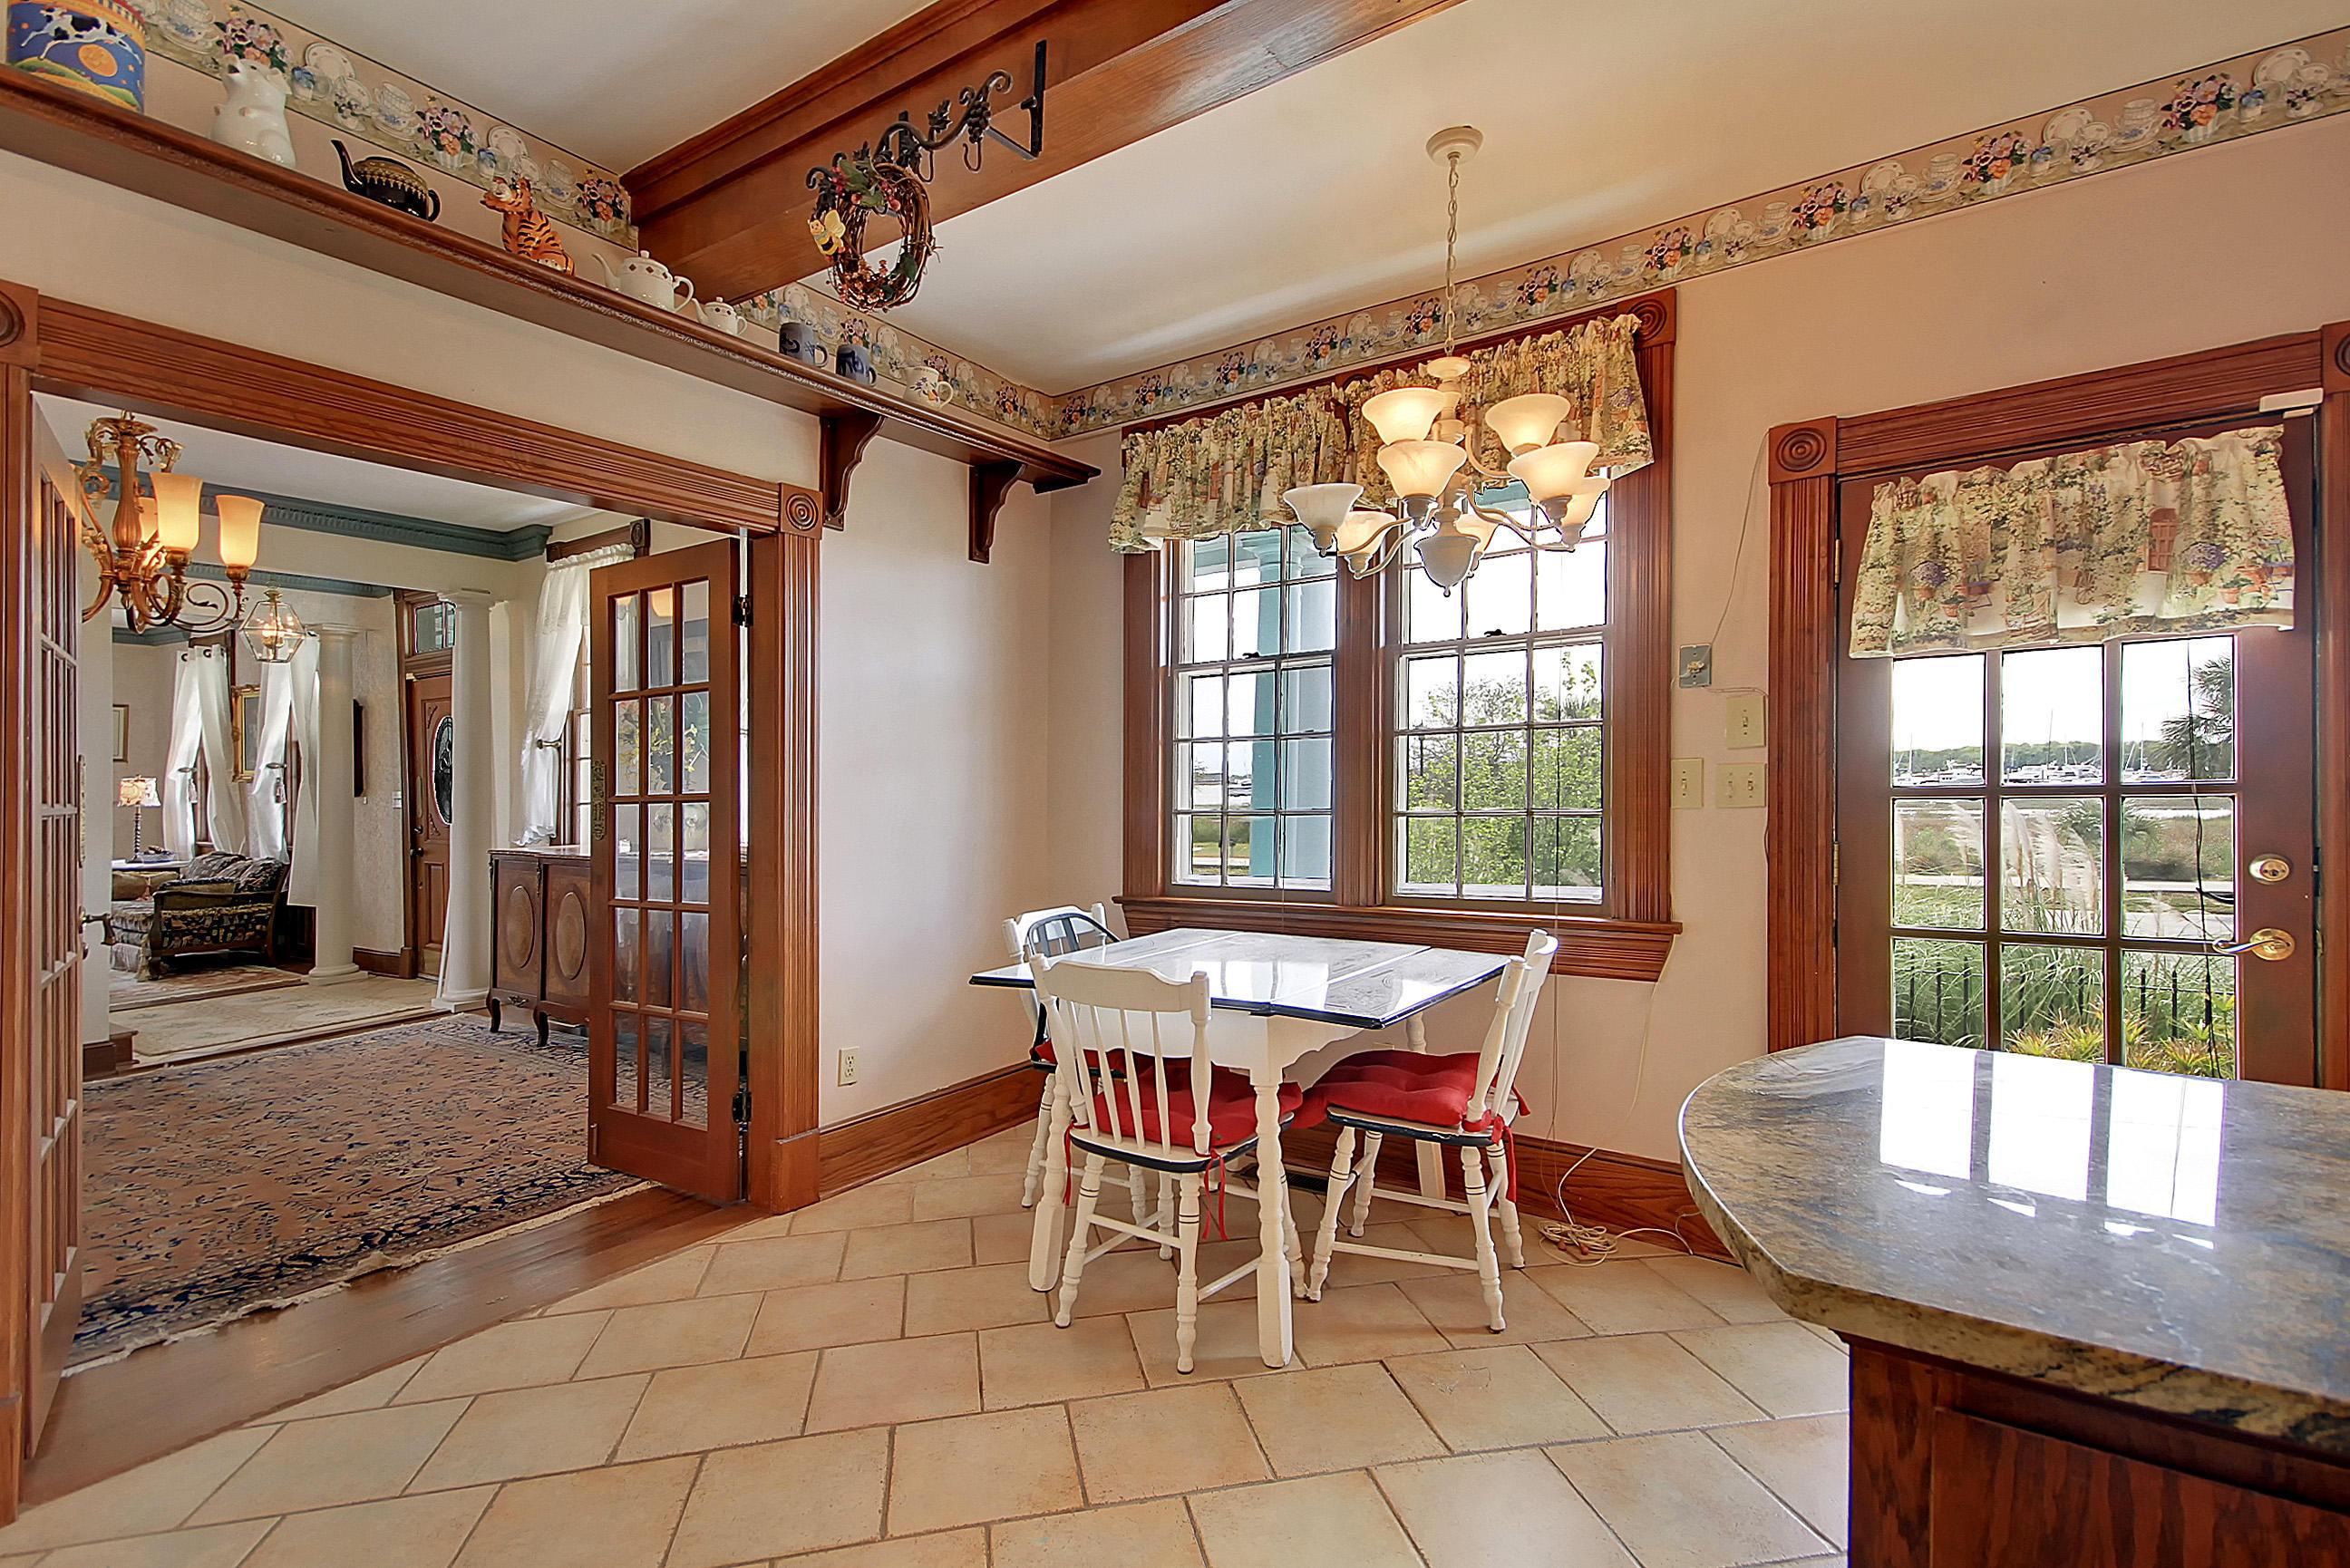 Harleston Village Homes For Sale - 218 Wentworth, Charleston, SC - 2